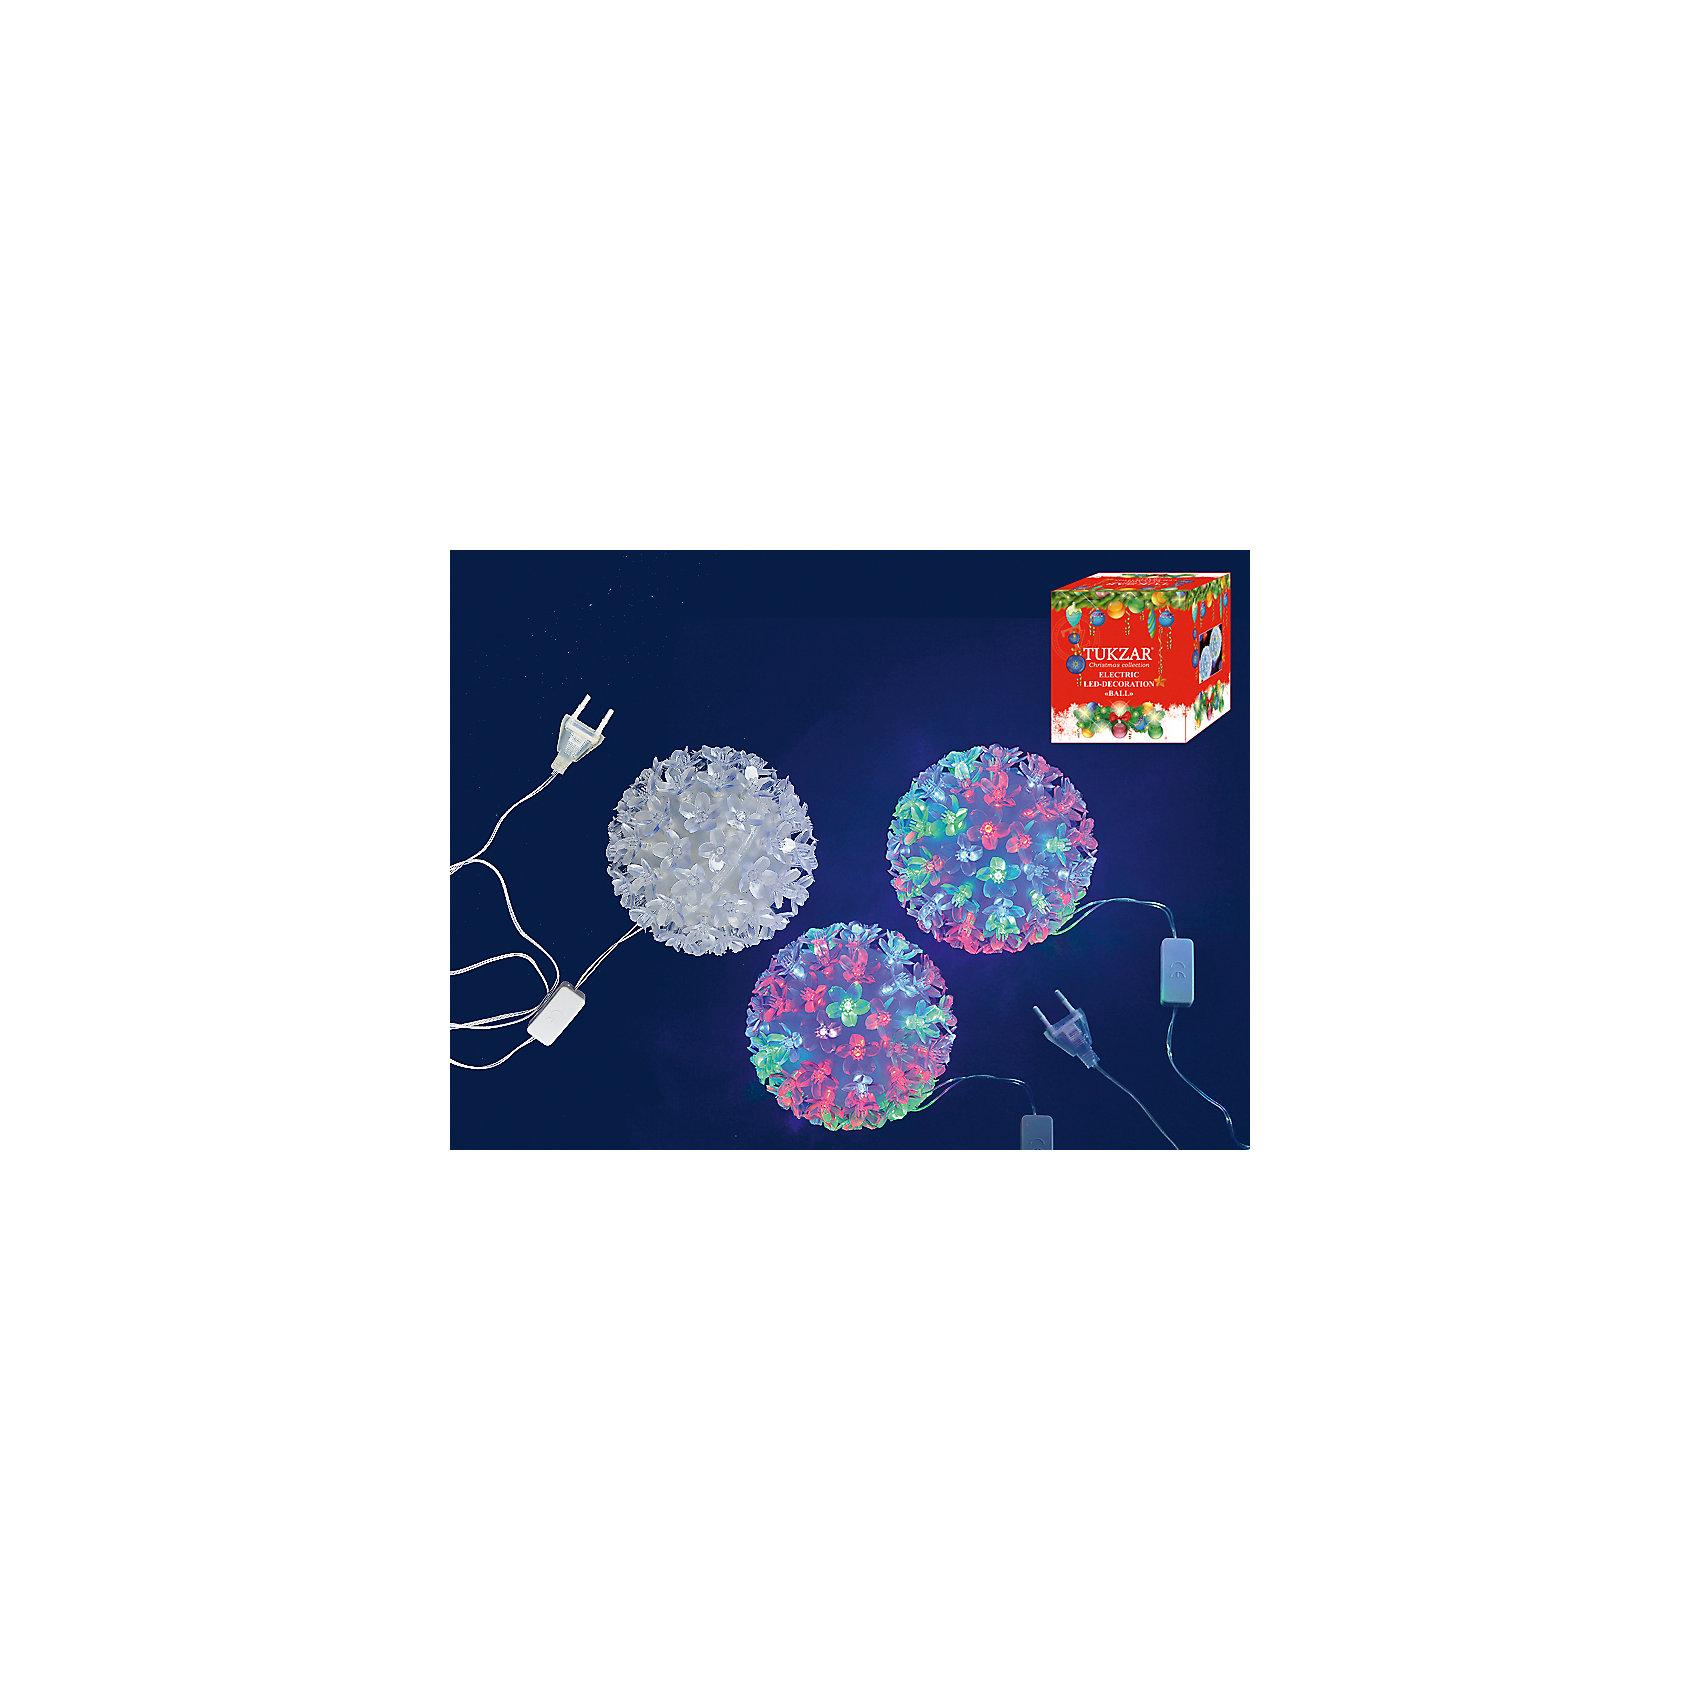 Светодиодное украшение Шар 13 см, 80 лампСветодиодное украшение Шар 13 см, 80 ламп – этот аксессуар порадует взрослых и детей, и создаст волшебную атмосферу новогодних праздников.<br>Светодиодное украшение Шар замечательно украсит Ваш интерьер или станет приятным сувениром для родных и друзей. Шар из 80 разноцветных ламп в виде цветов создаст новогоднее настроение.<br><br>Дополнительная информация:<br><br>- Диаметр: 13 см.<br>- Количество ламп: 80 (разноцветные)<br>- Прозрачный провод<br>- Размер упаковки: 13х13х13 см.<br>- Вес: 300 гр.<br><br>Светодиодное украшение Шар 13 см, 80 ламп можно купить в нашем интернет-магазине.<br><br>Ширина мм: 130<br>Глубина мм: 130<br>Высота мм: 130<br>Вес г: 300<br>Возраст от месяцев: 36<br>Возраст до месяцев: 2147483647<br>Пол: Унисекс<br>Возраст: Детский<br>SKU: 4437443